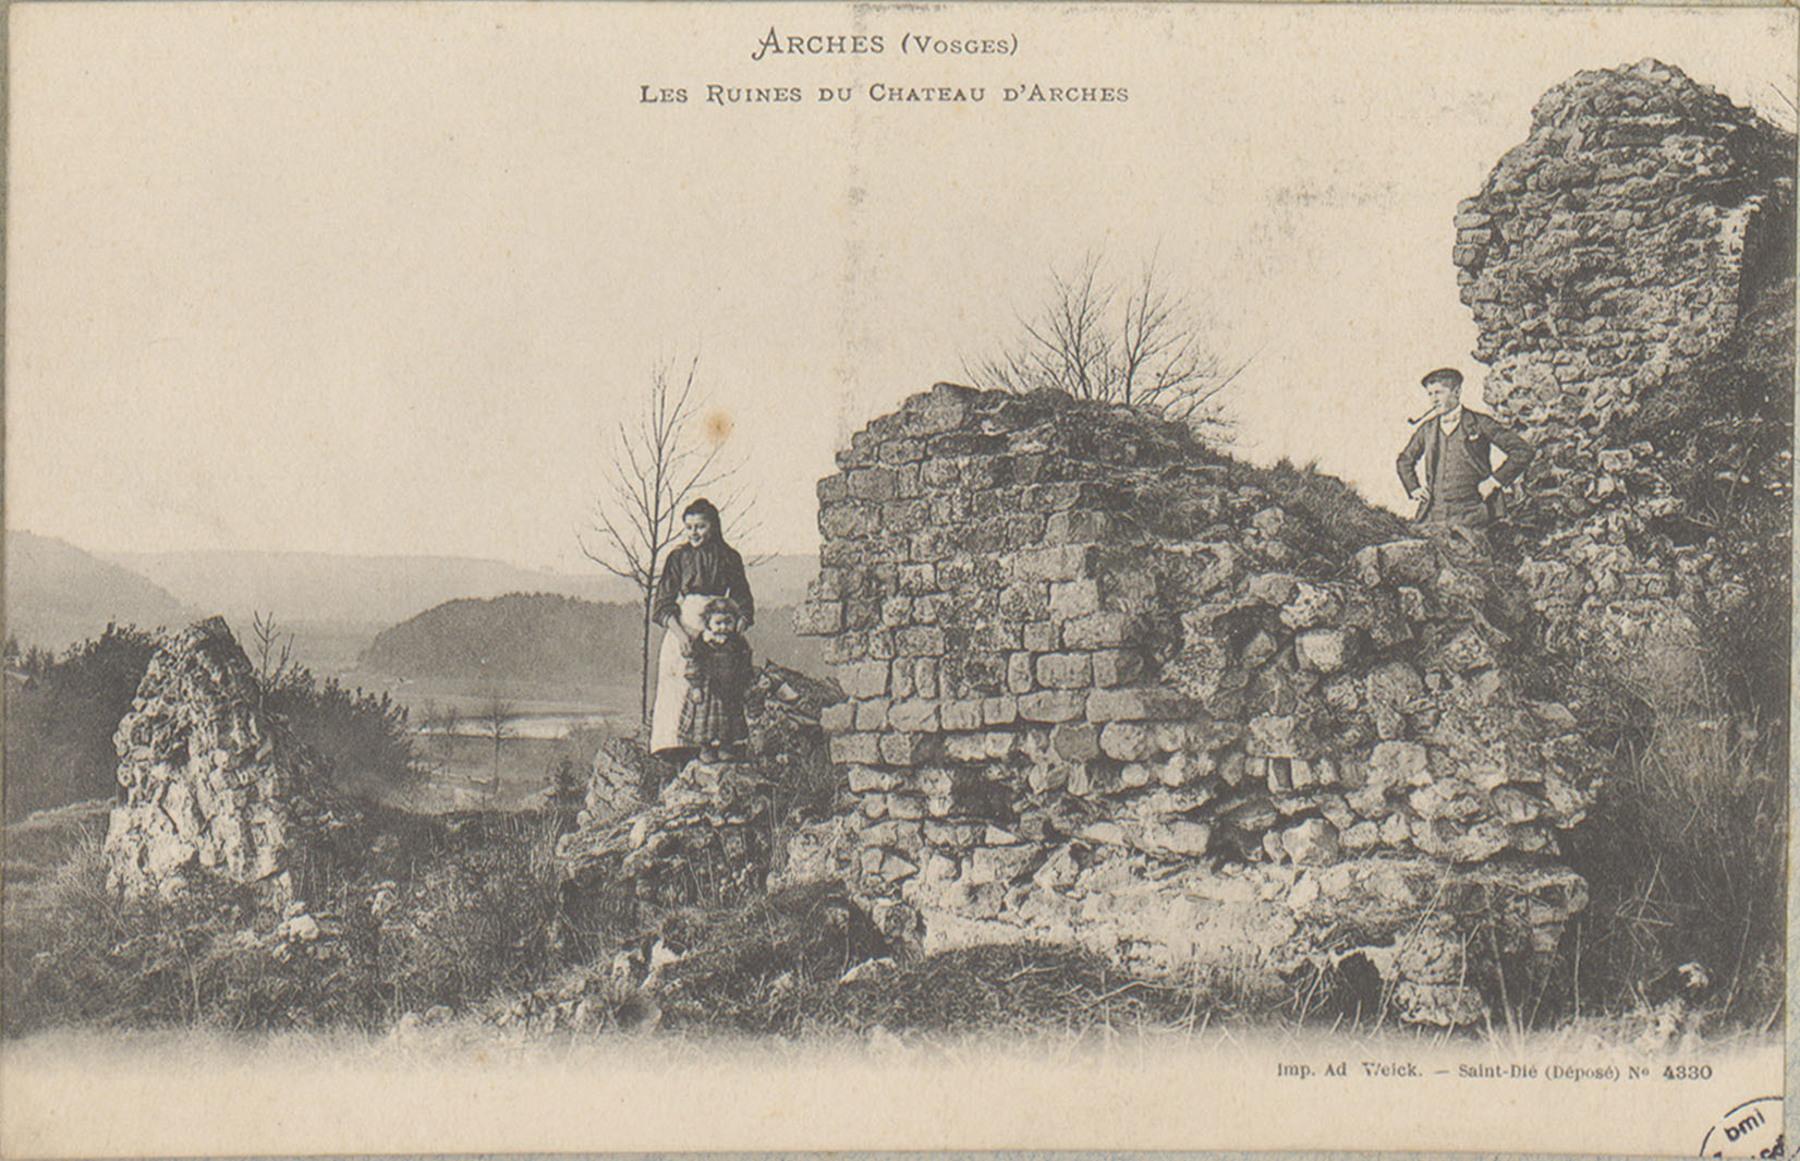 Contenu du Arches (Vosges), Les Ruines du Château d'Arches